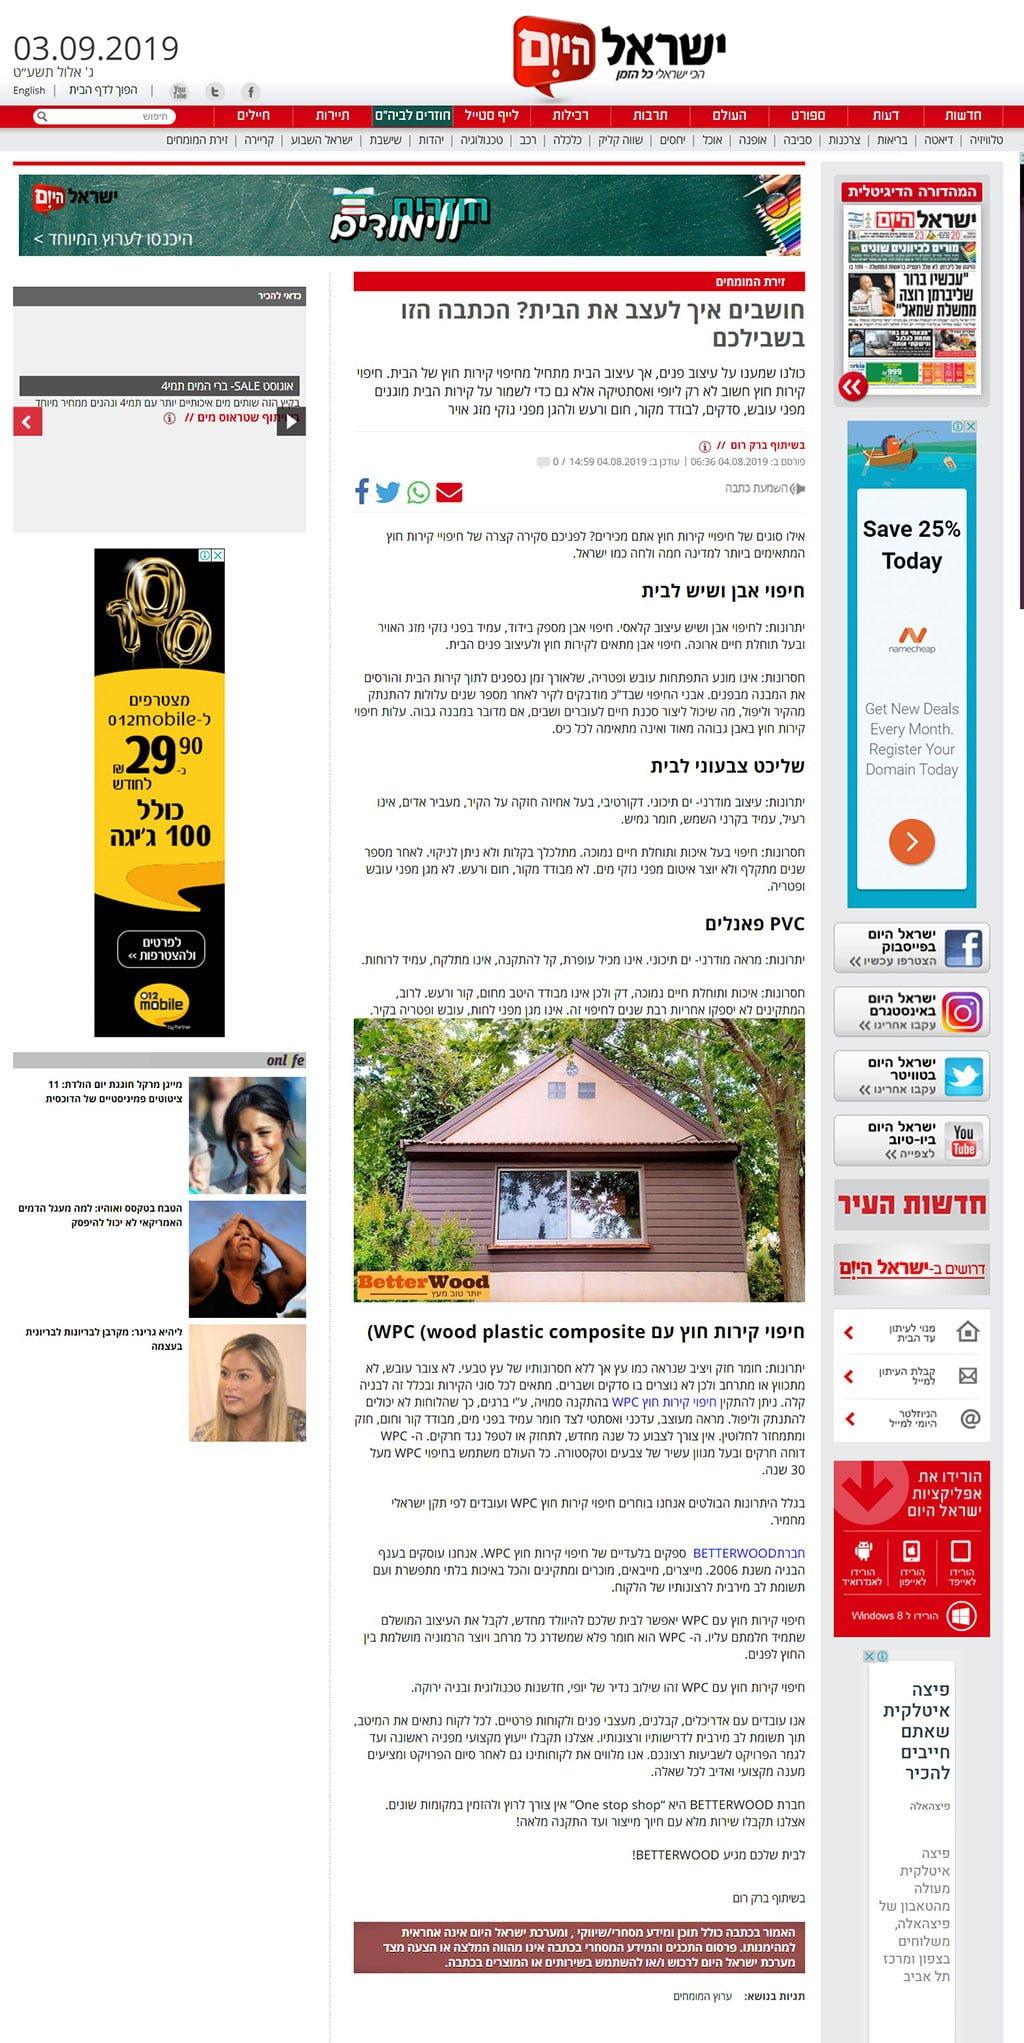 כתבה על בטרווד באתר של עיתון ישראל היום